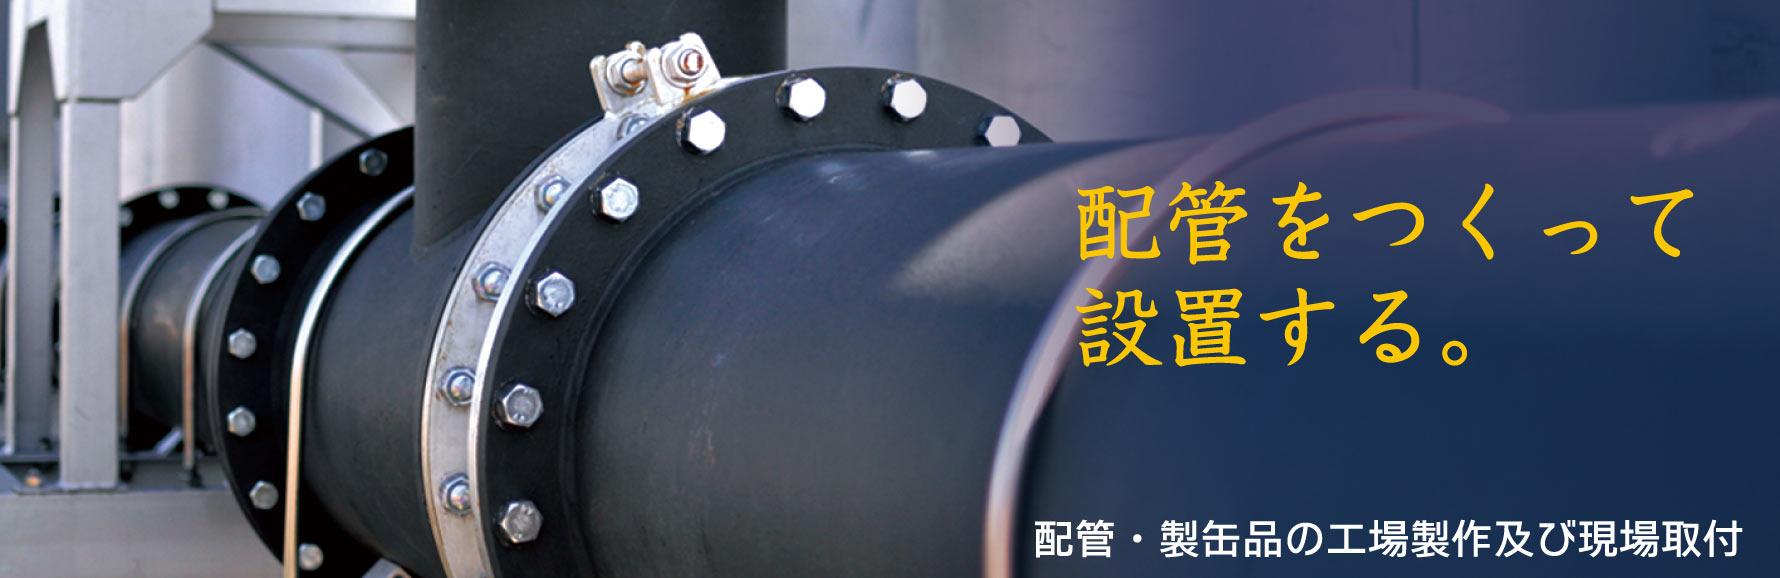 配管をつくって設置する。配管・製缶品の工場製作及び現場取付